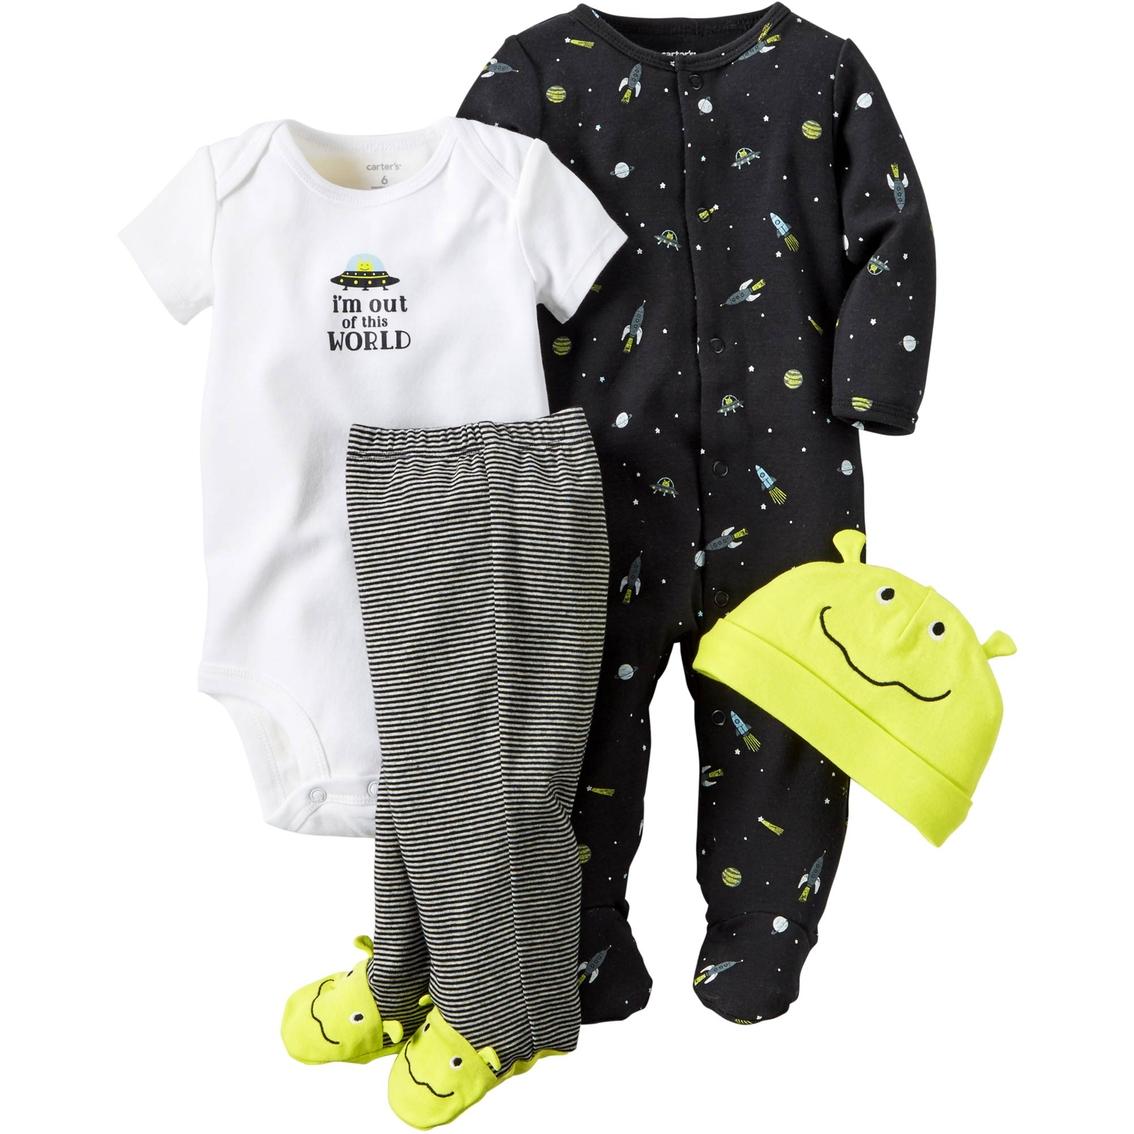 e24179ddc Carter's Infant Boys 4 Pc. Alien Layette Set | Baby Boy 0-24 Months ...